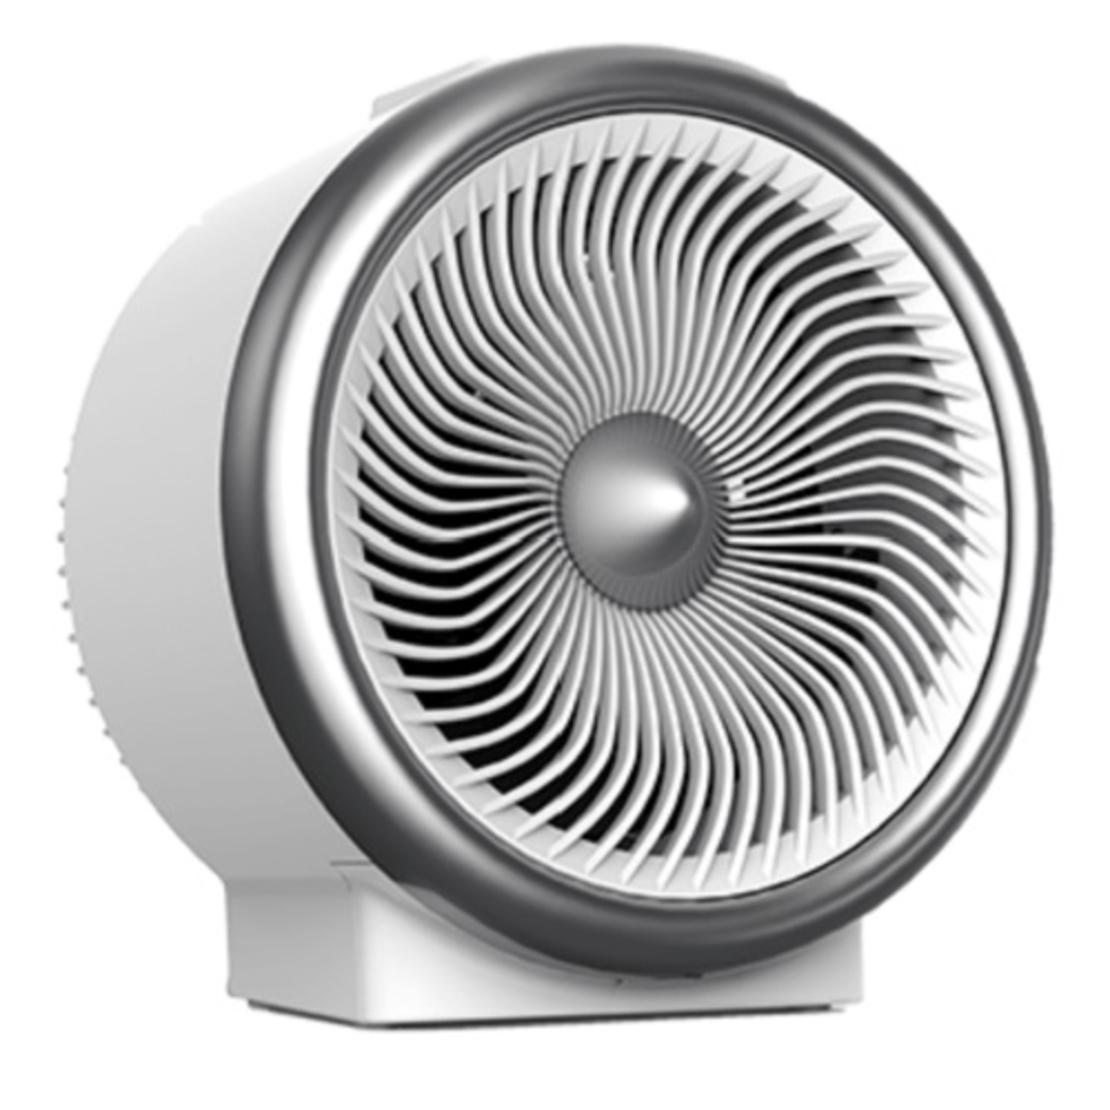 מפזר חום ומאוורר Morphy Richard מורפי ריצ'ארדס 63123 VORTEX Technology